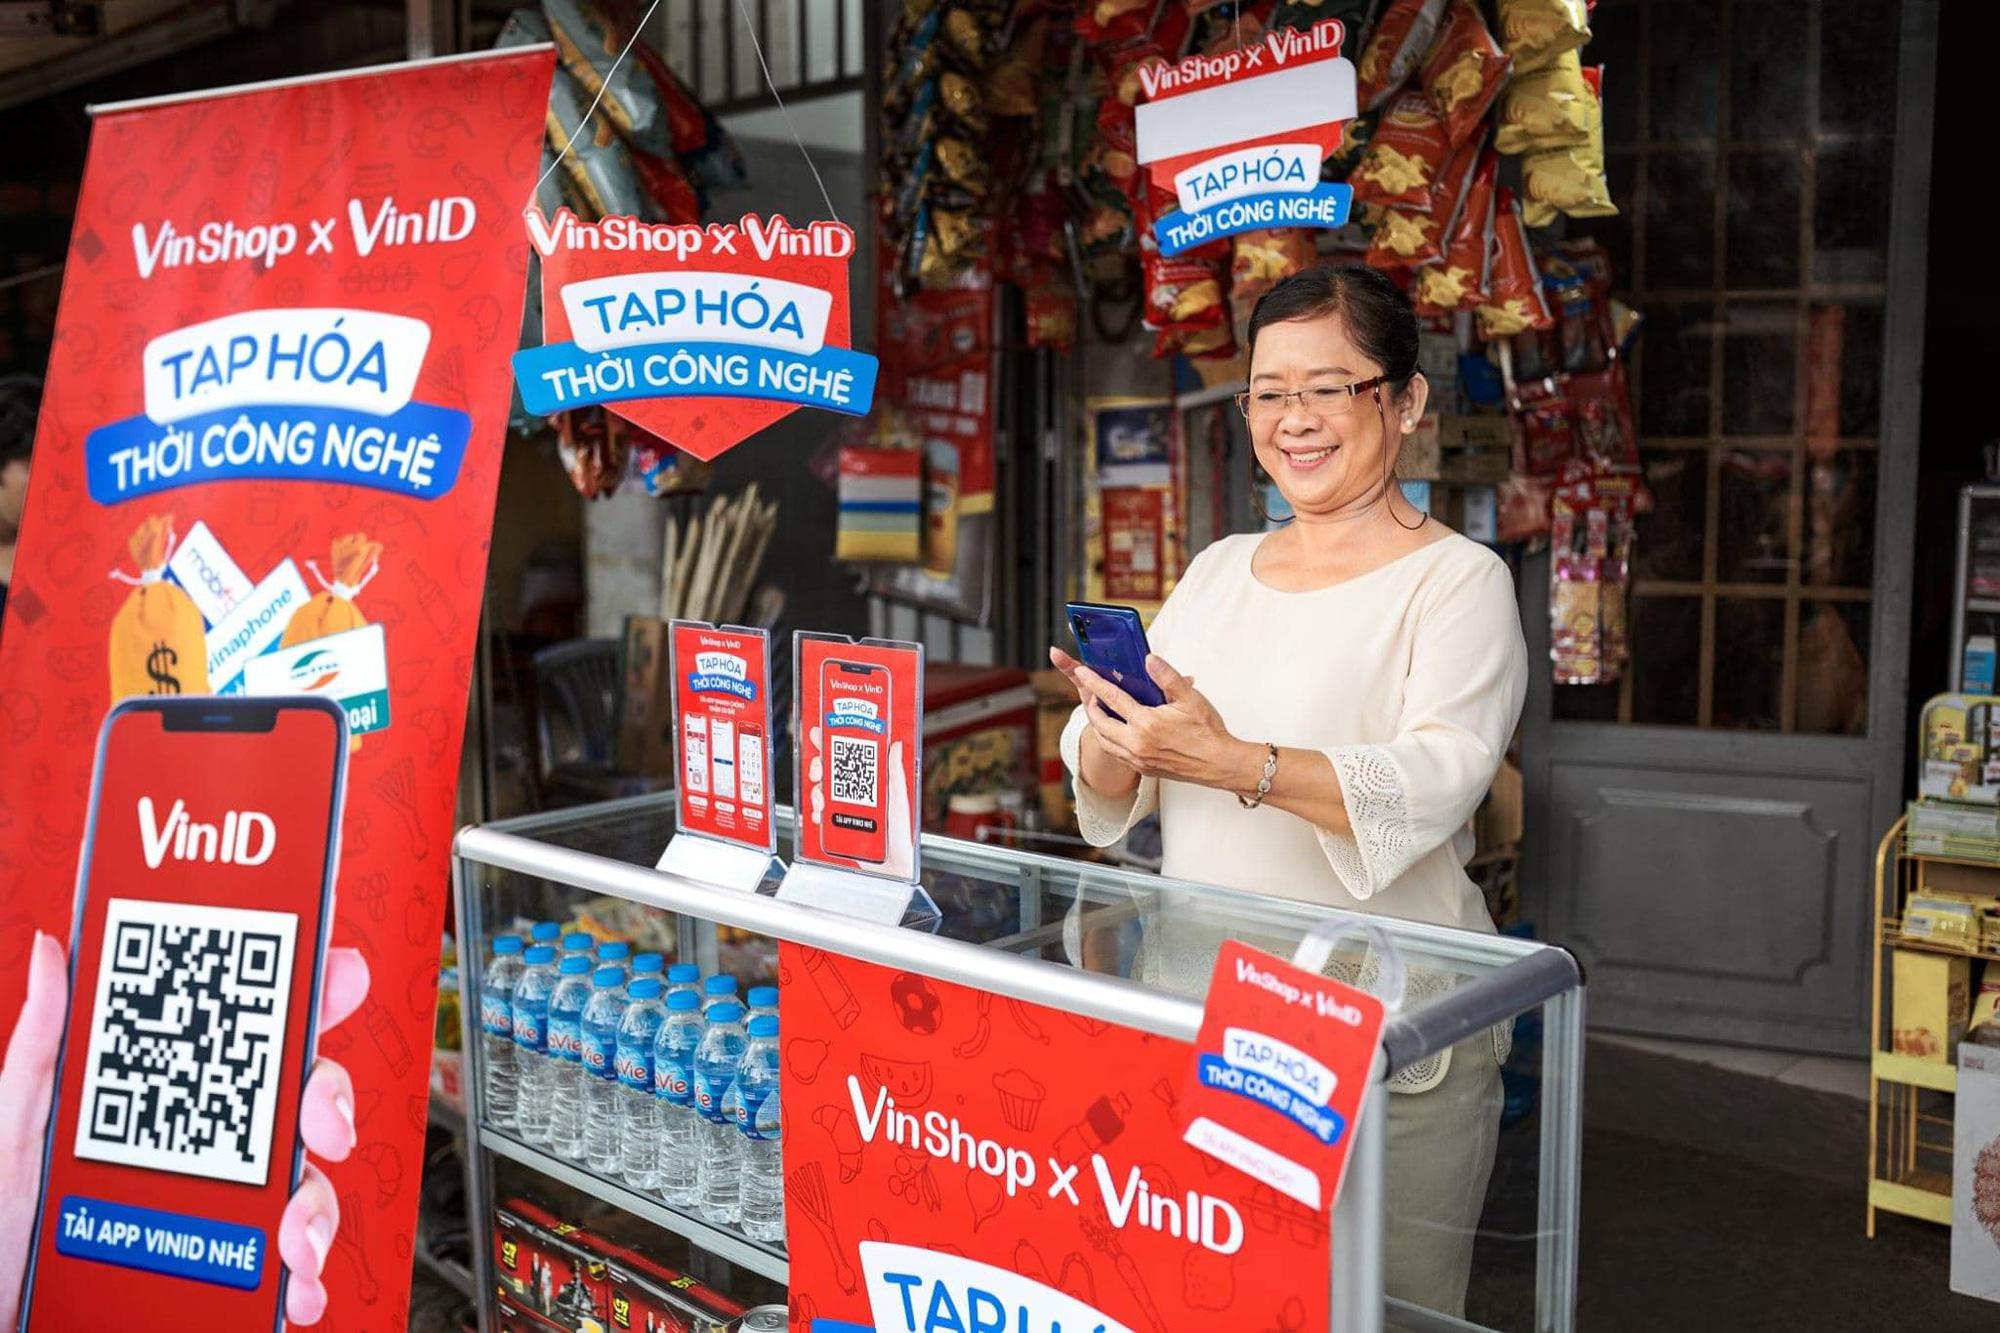 VinShop bắt tay Techcombank ra mắt dịch vụ hỗ trợ vốn cho chủ tạp hóa mùa Tết 2021 - Ảnh 2.